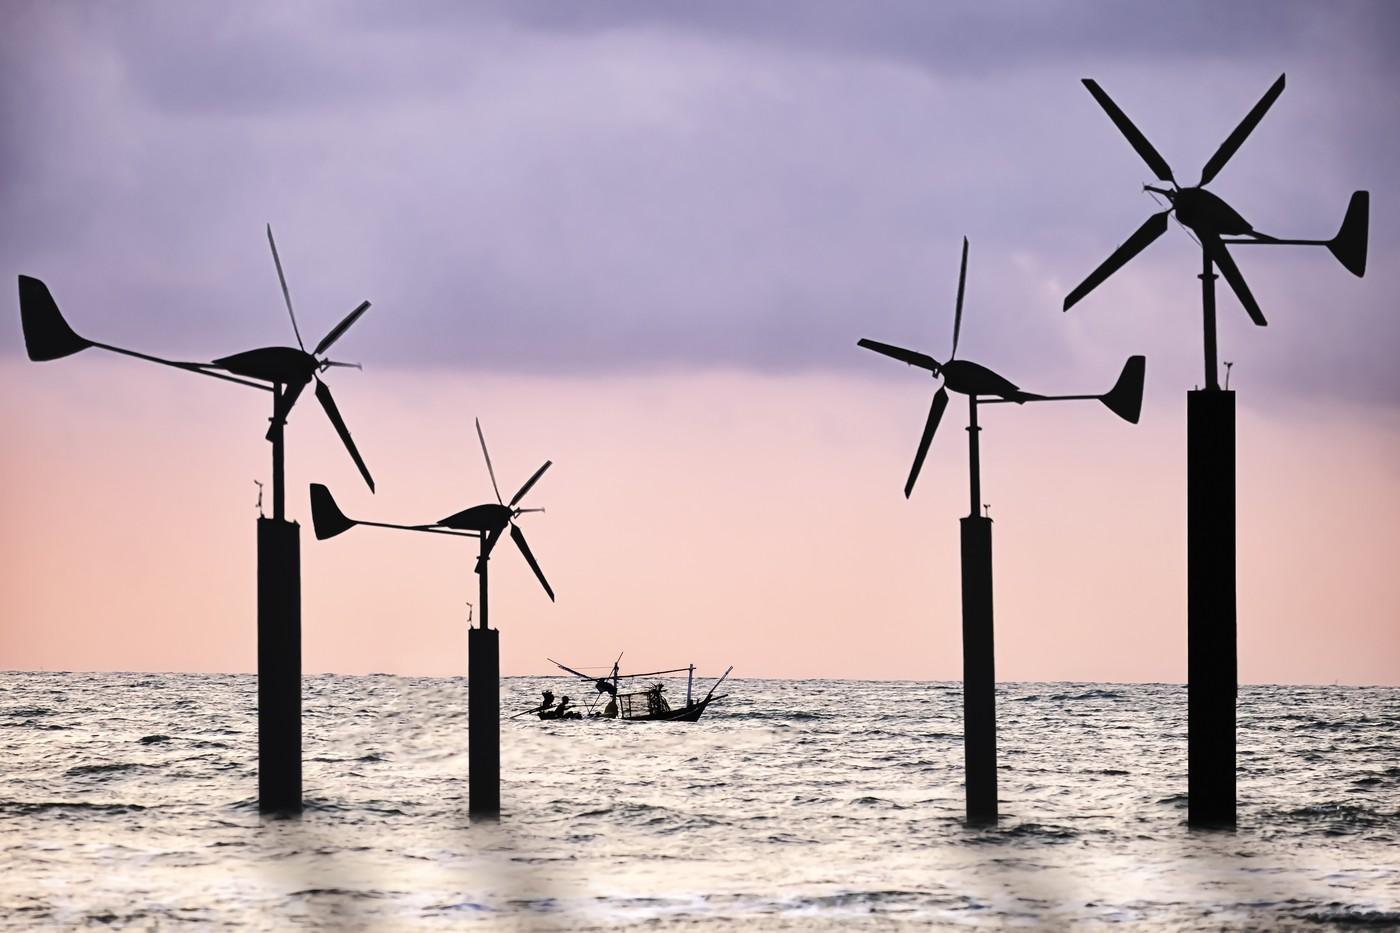 3家科技廠大買一檔中國再生能源基金,廣達、緯創、可成有何目的?